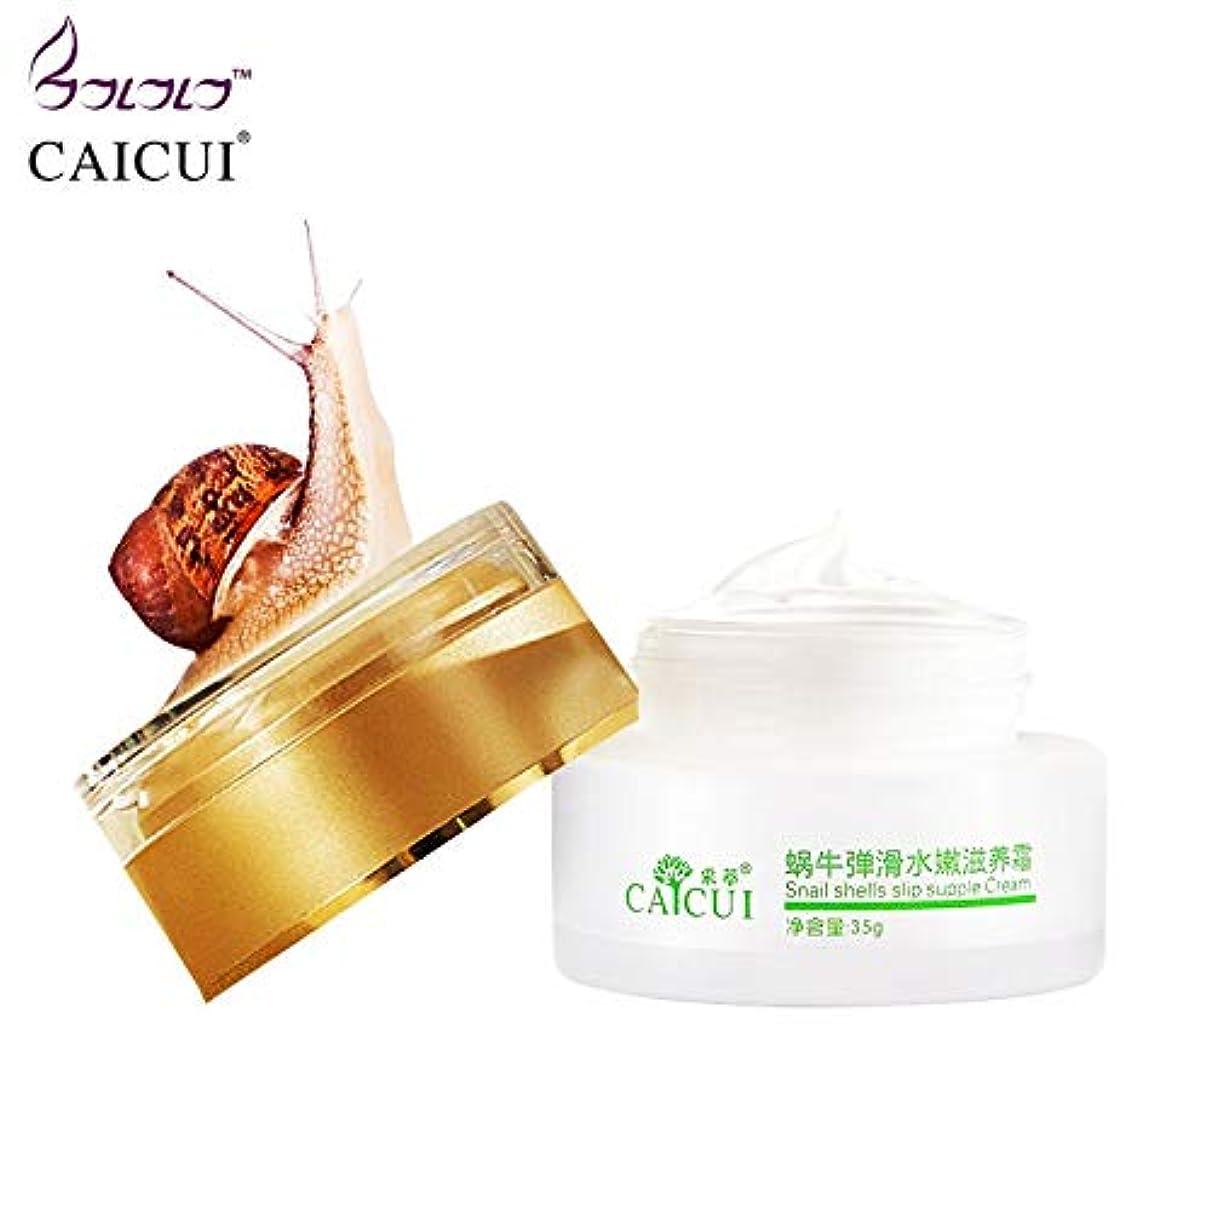 ラジエーター素敵な韓国語CAICUIカタツムリクリームデイクリーム顔クリームにきび保湿アンチリンクル寧フェイスケアカタツムリ